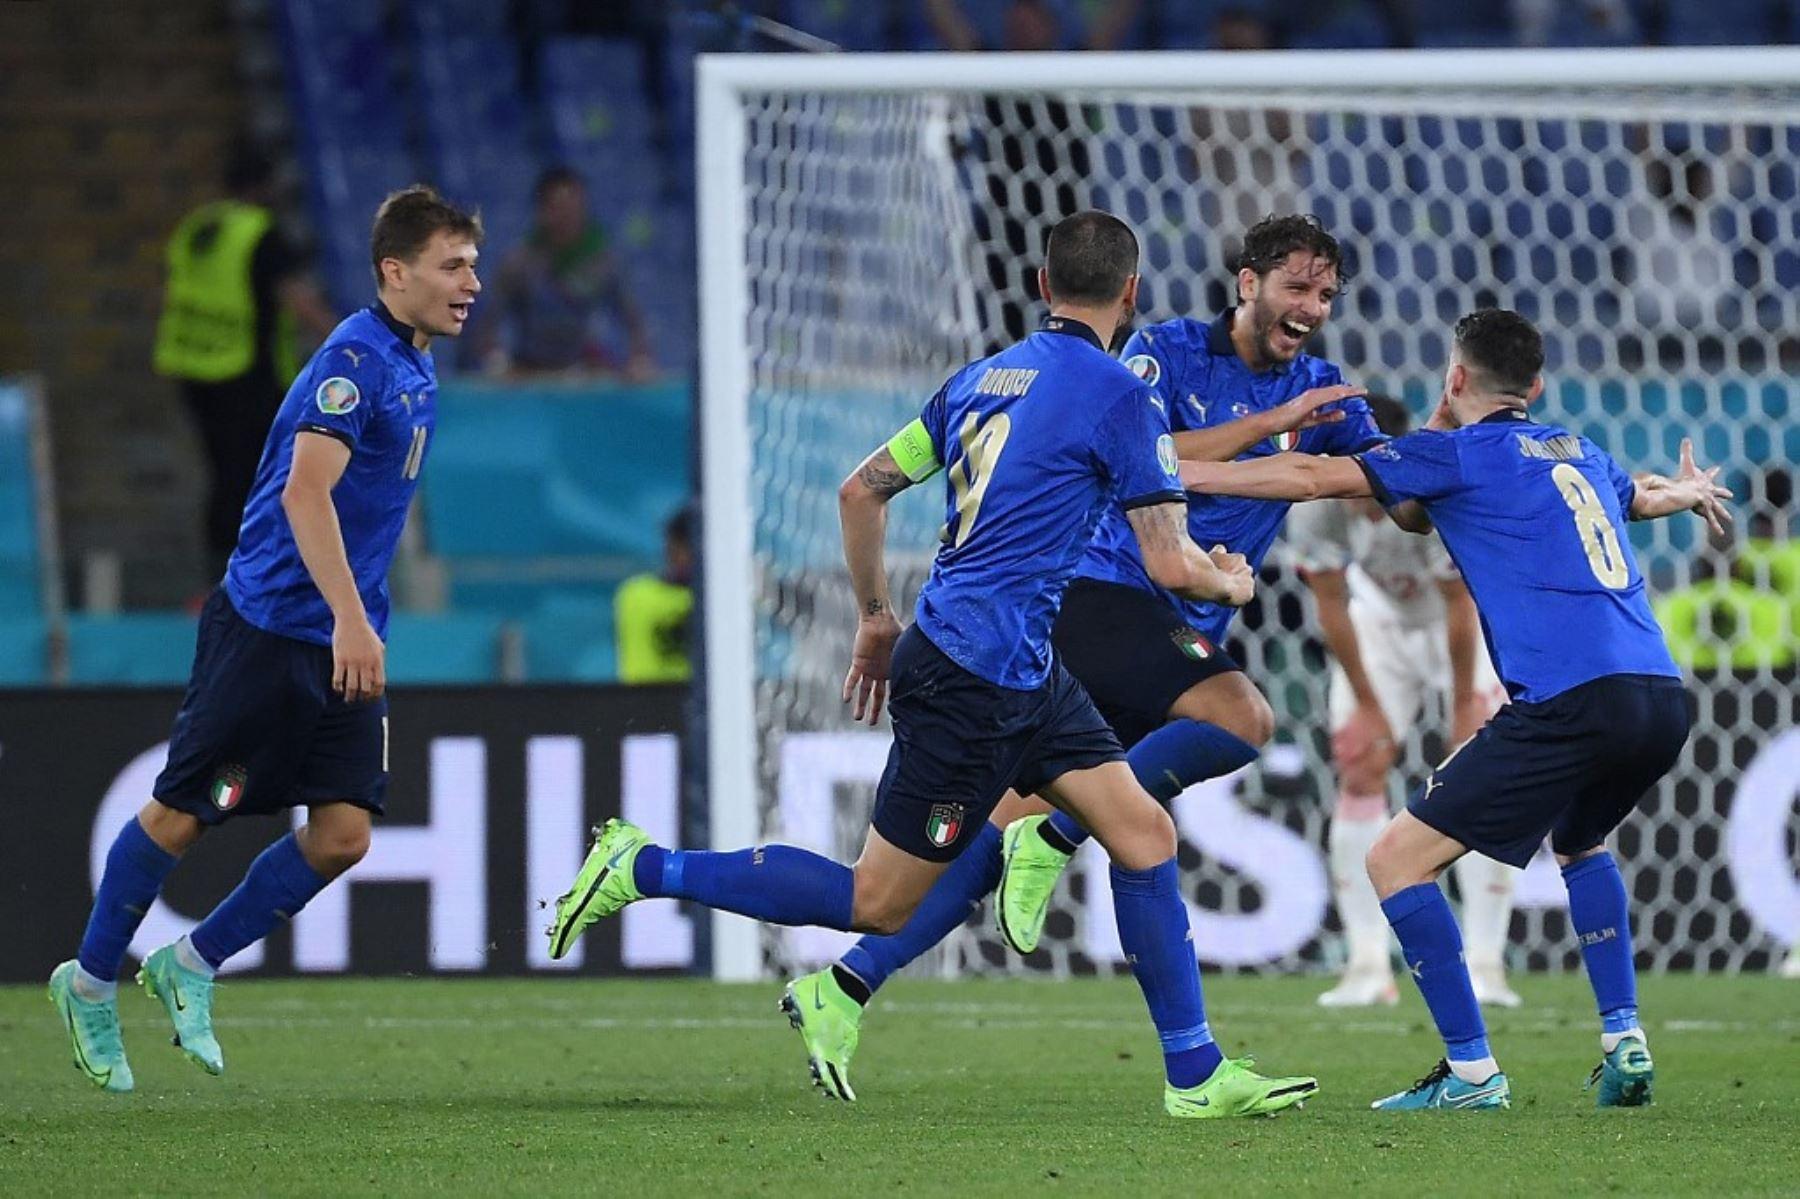 El centrocampista italiano, Manuel Locatelli, celebra con sus compañeros de equipo después de anotar el segundo gol durante el partido de fútbol del Grupo A de la UEFA EURO 2020 entre Italia y Suiza en el Estadio Olímpico de Roma el 16 de junio de 2021. Foto: AFP